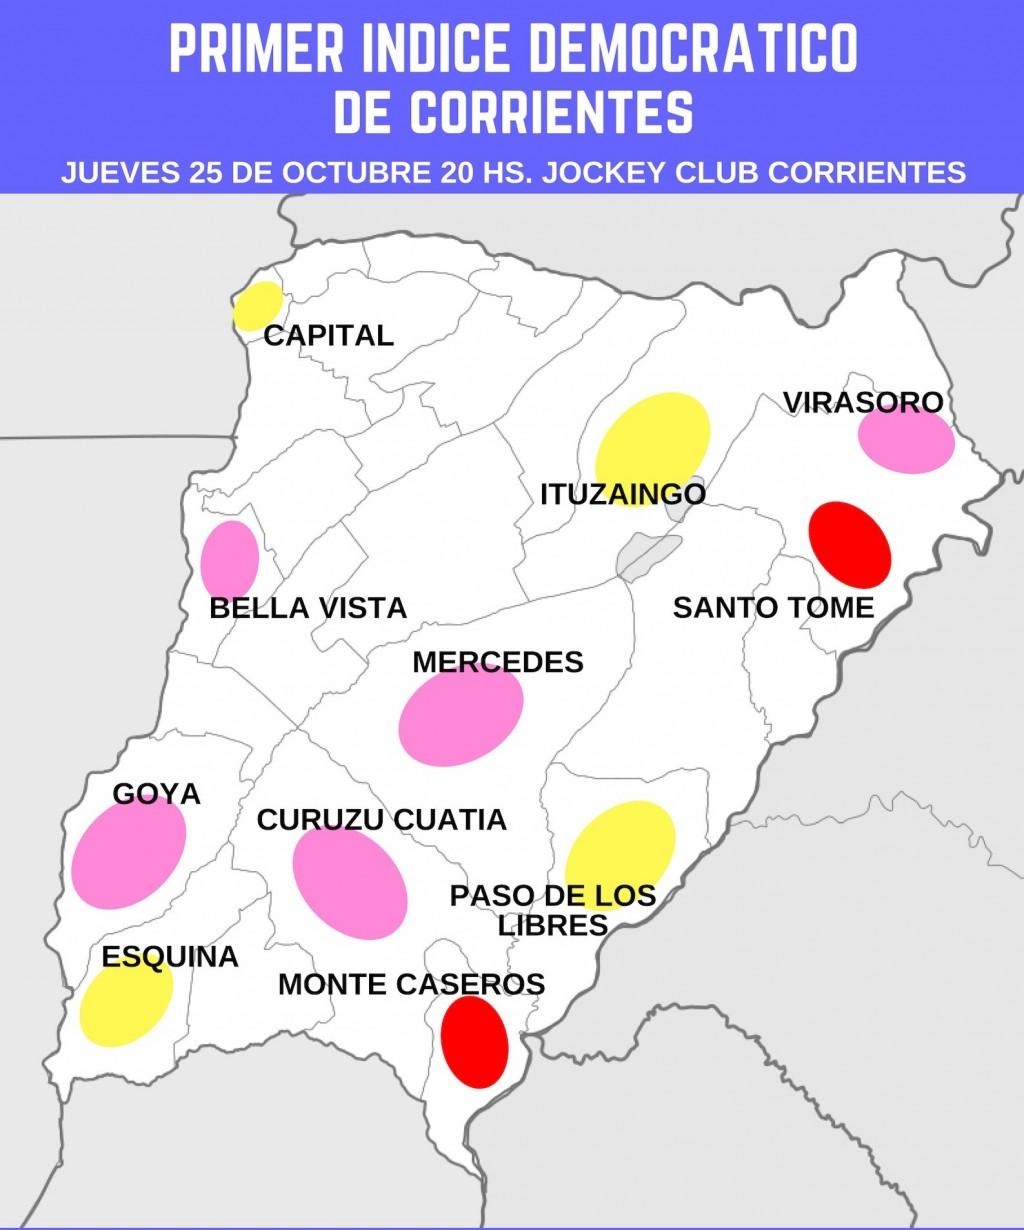 Los tres colores de la democracia en Corrientes.